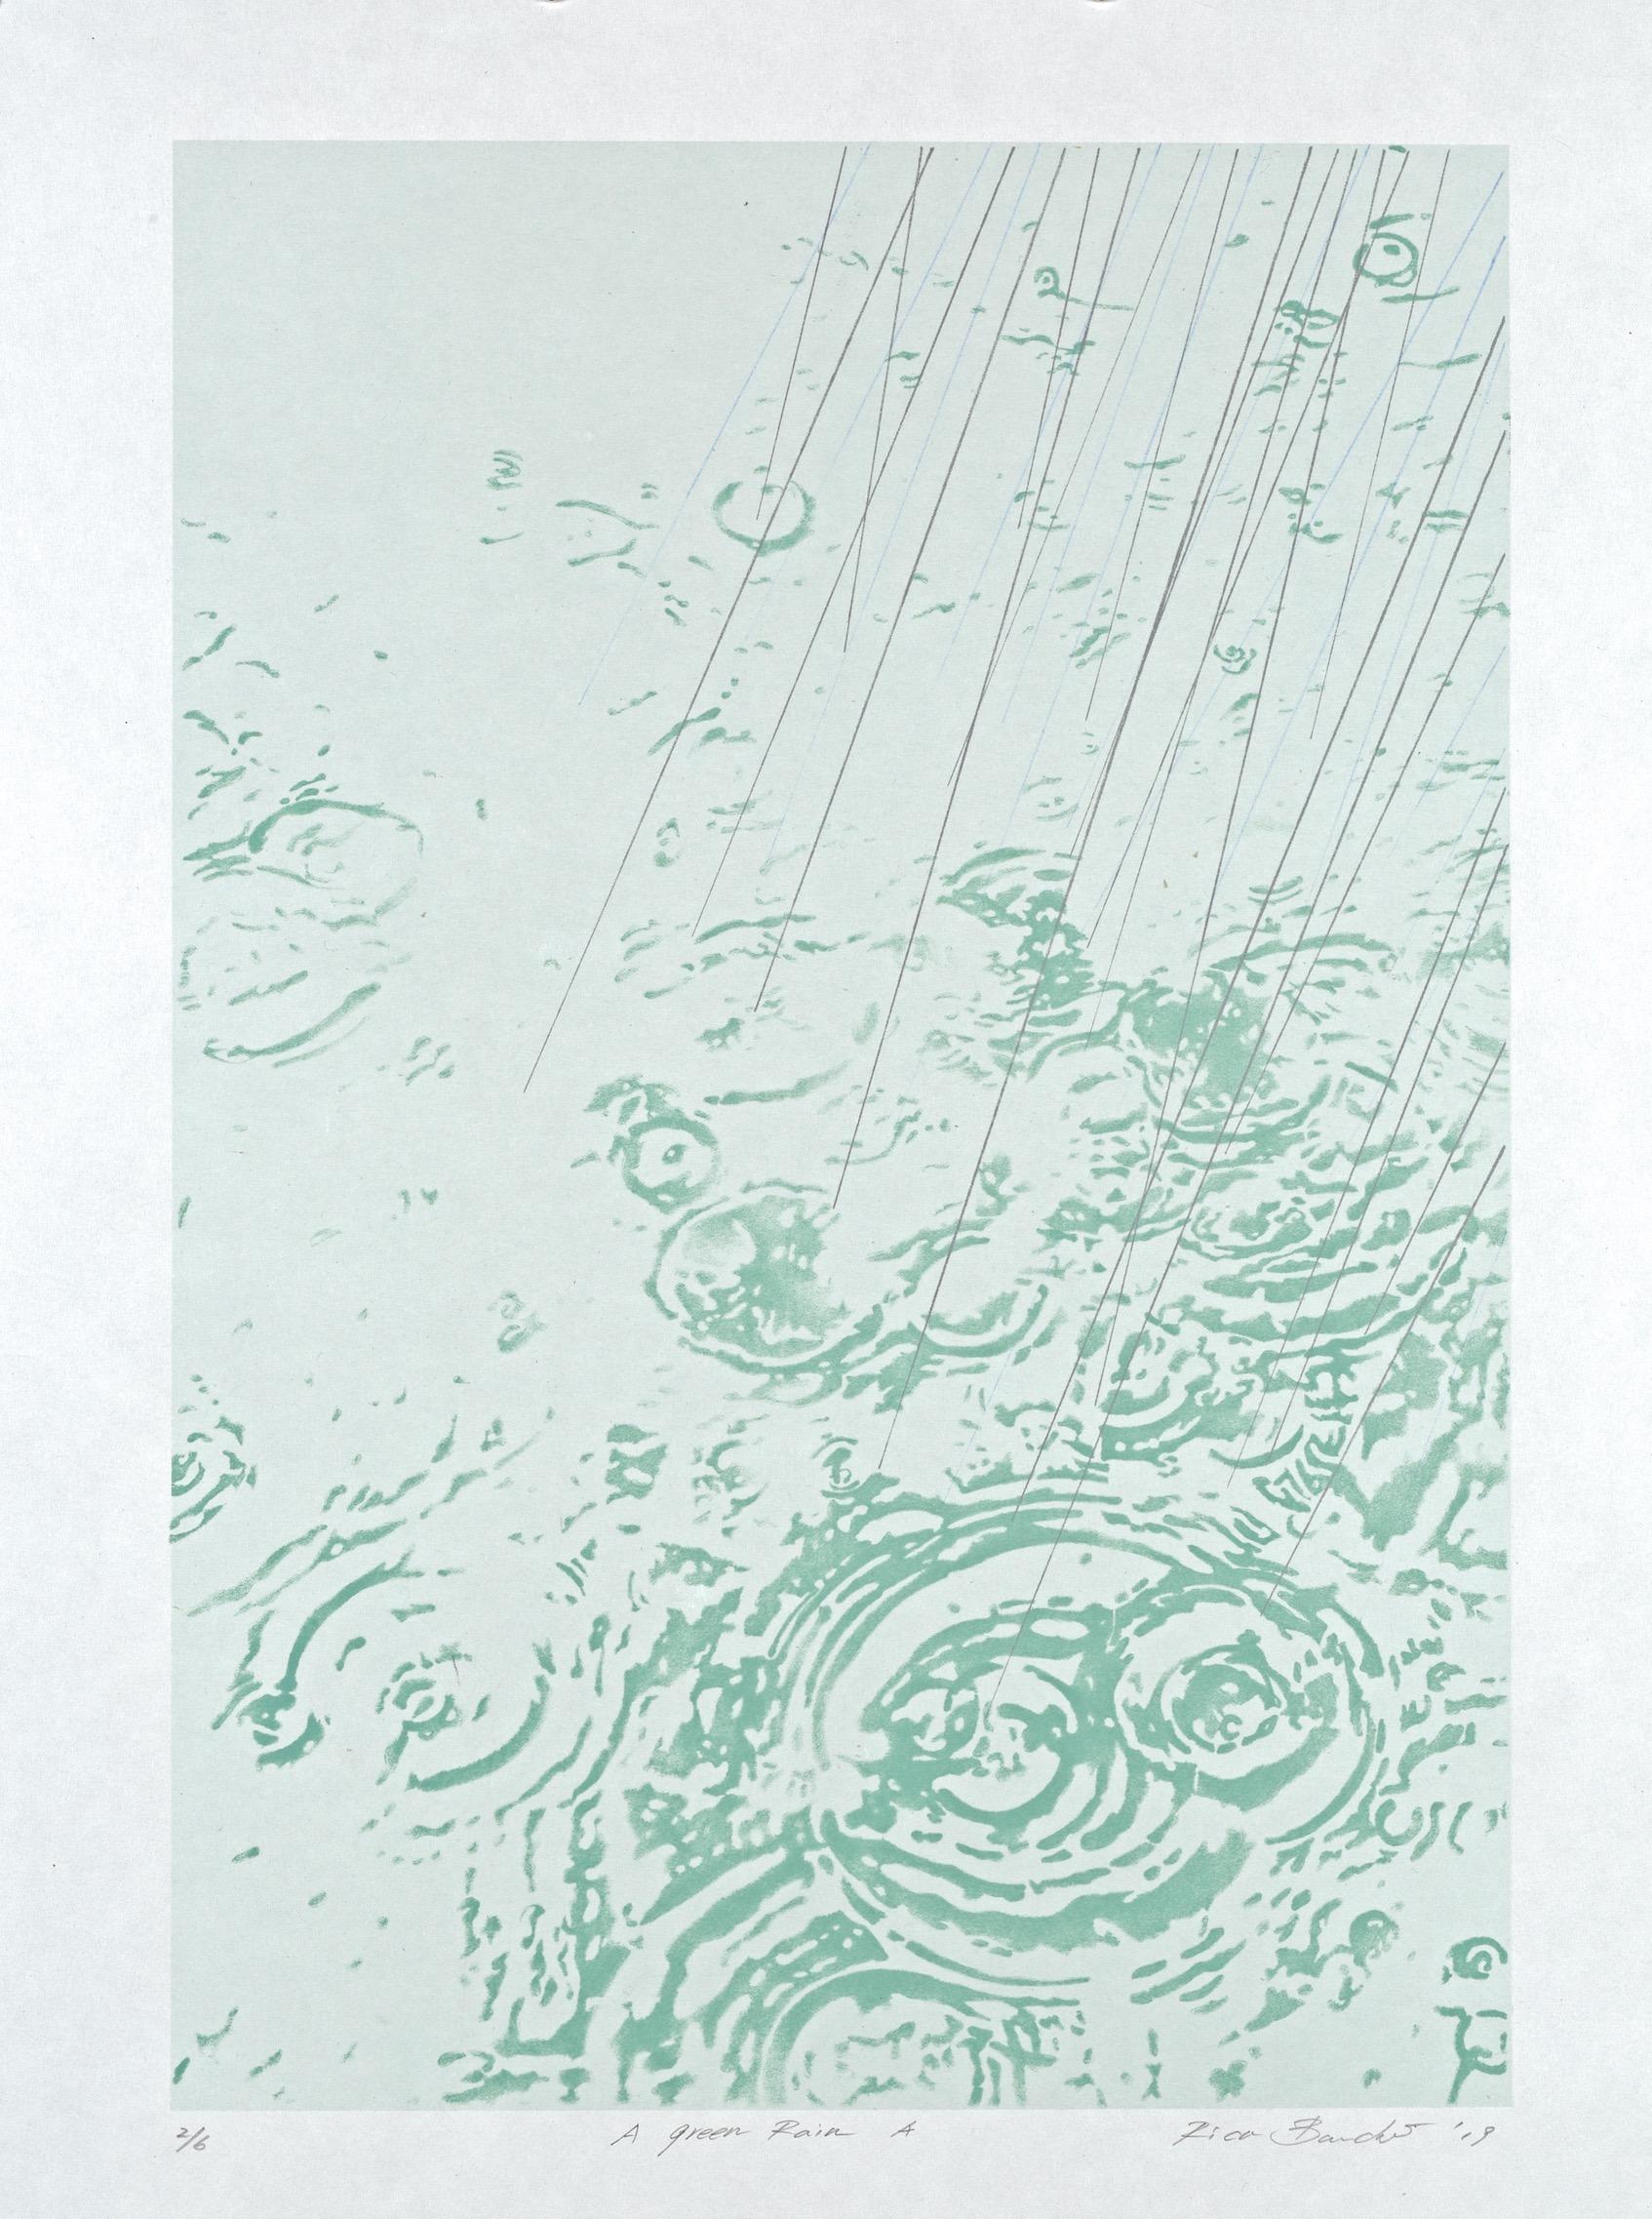 A Green Rain A by Rica Bando